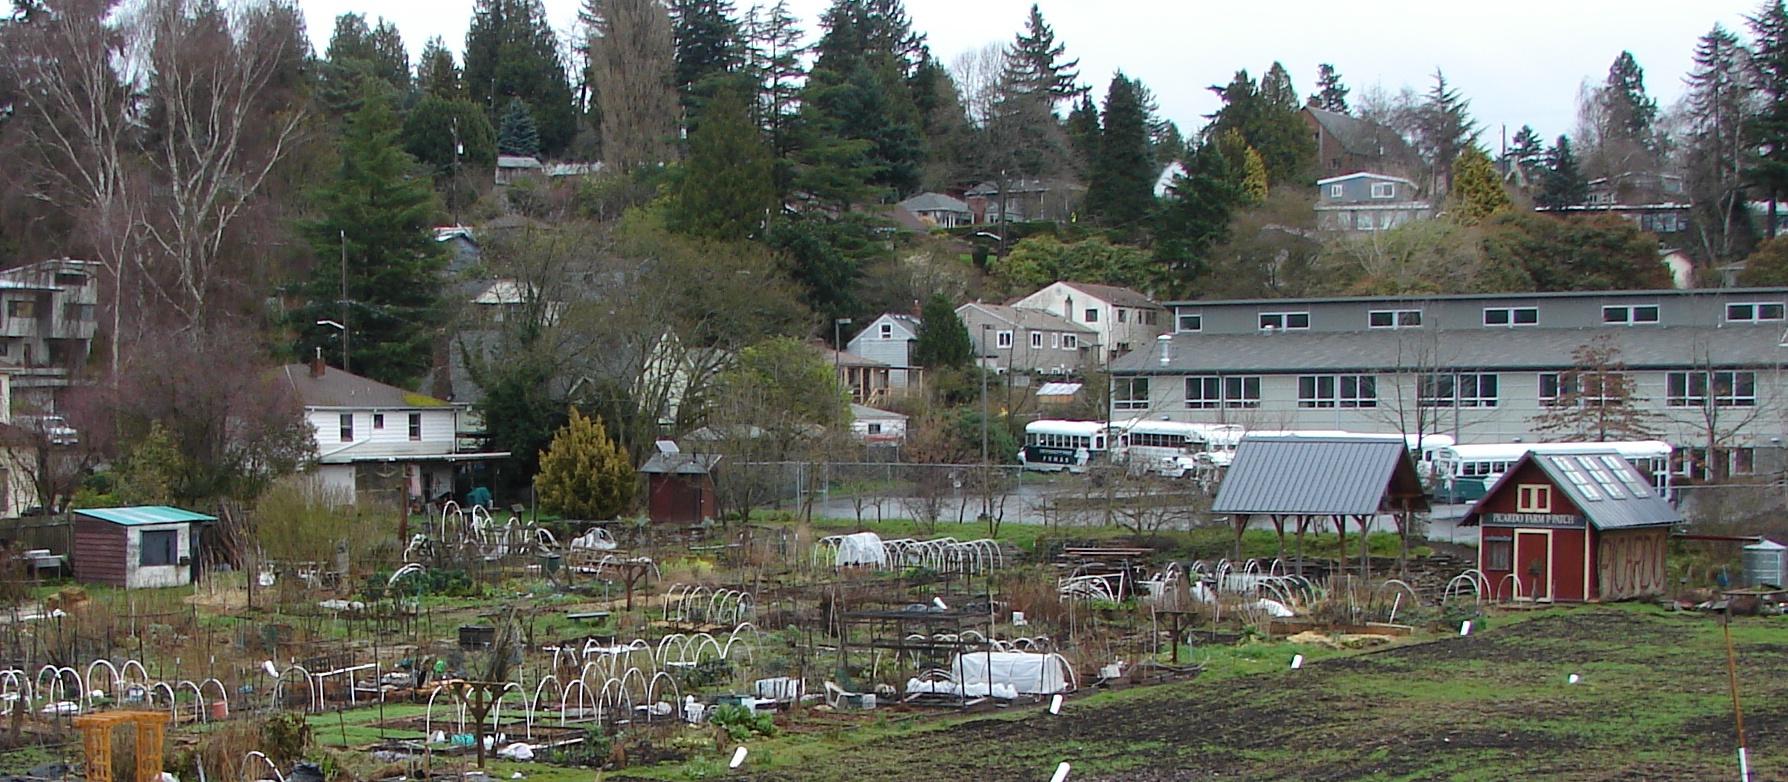 Seattle p patch history maokai